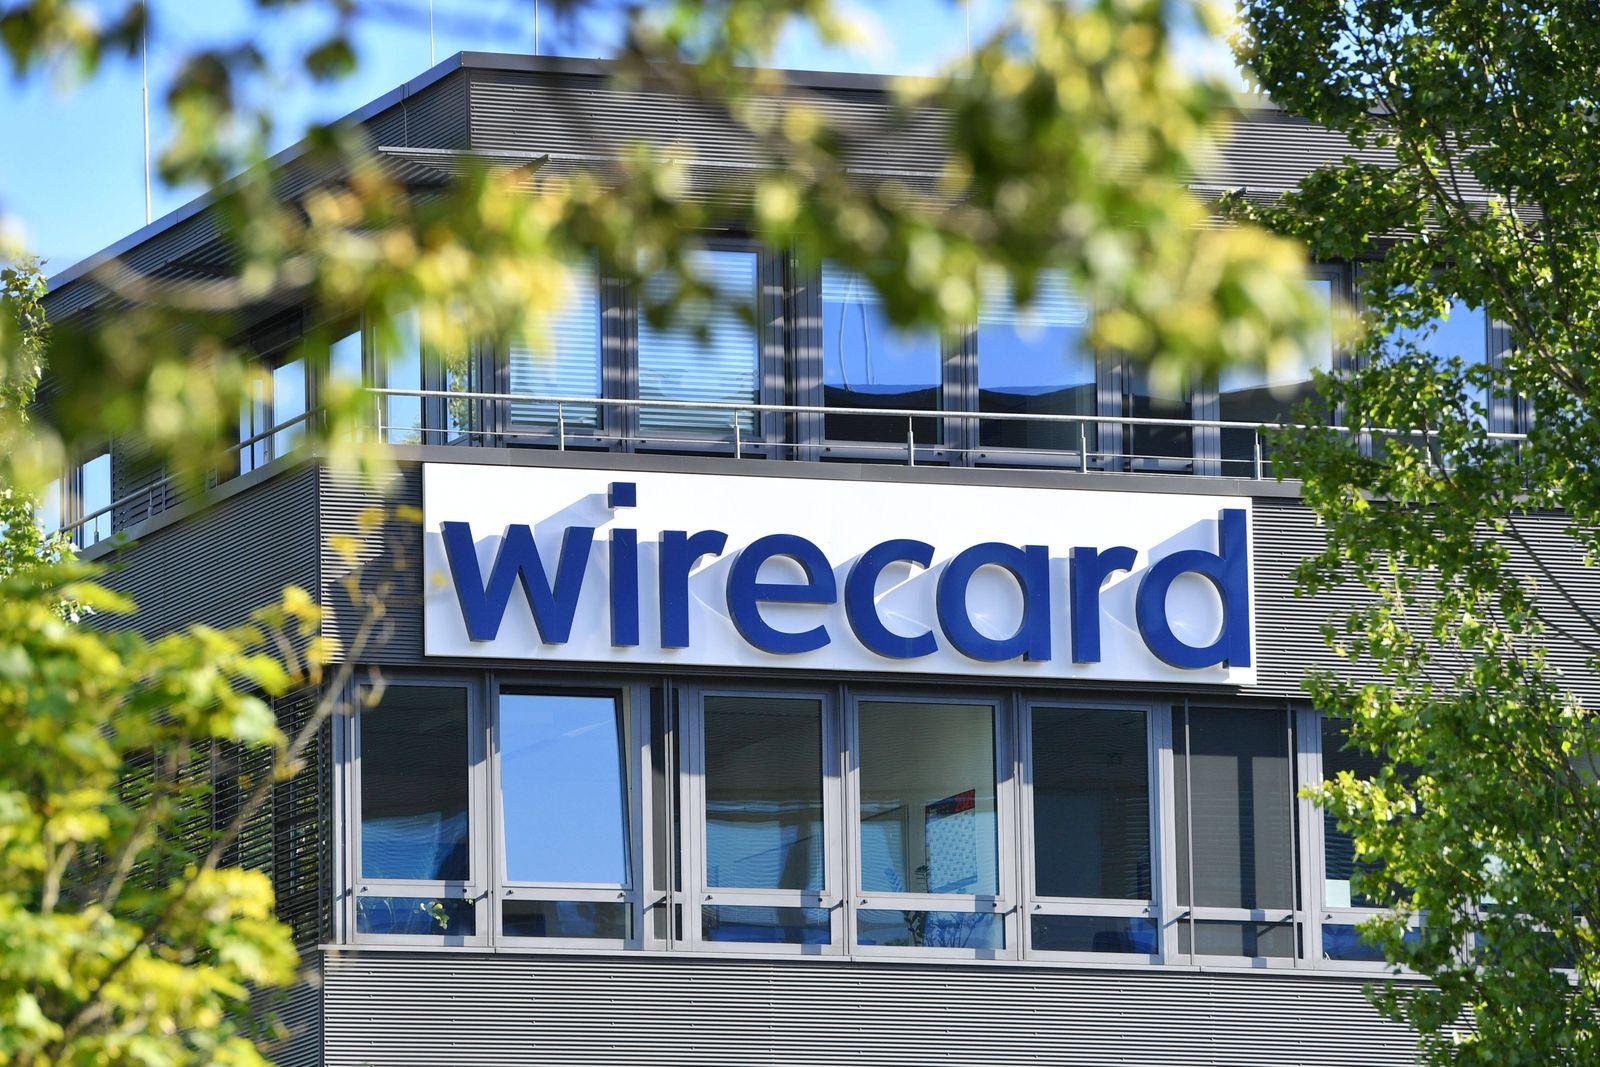 Sitz der wirecard AG in Aschheim Dornach wirecard Logo, Firmenemblem,Schriftzug ,Gebaeude, Fassade,Sitz in Aschheim Dorn